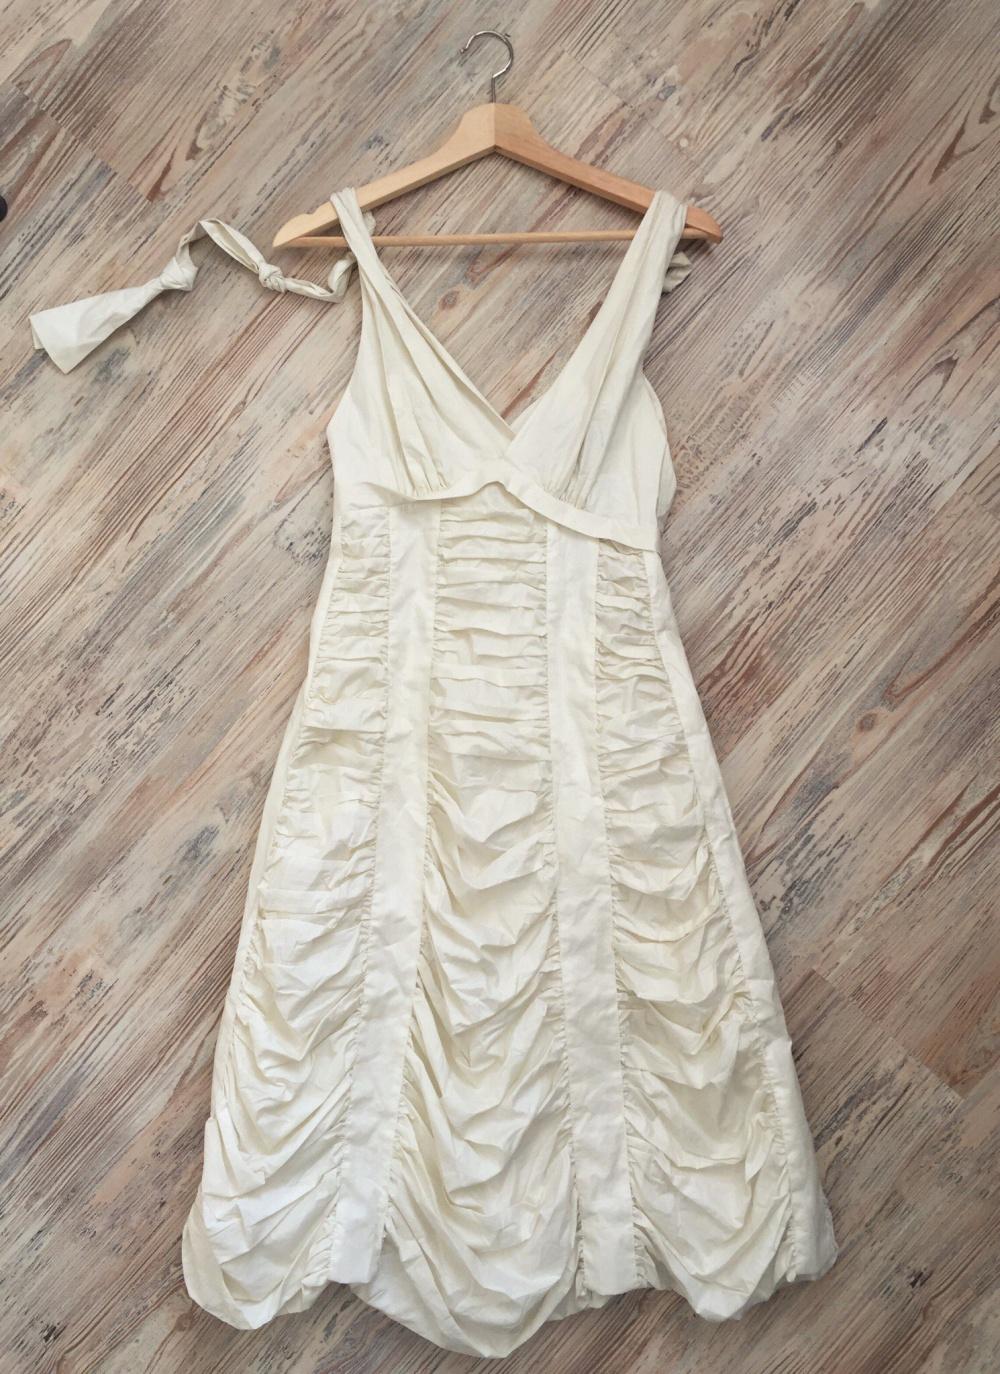 Платье Marc Jacobs (US 4, RUS 46-48)